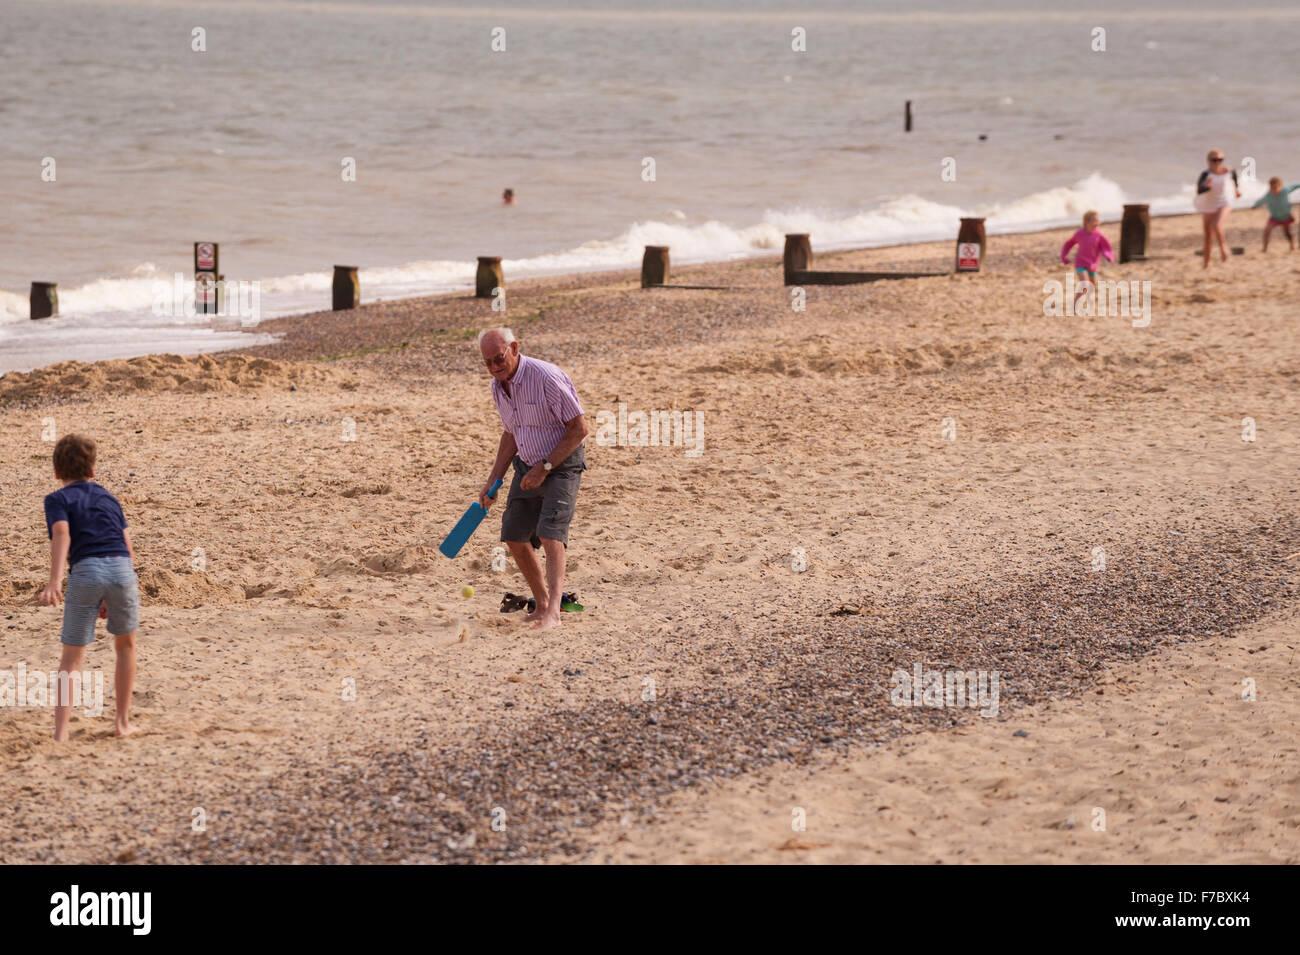 Persone che giocano a cricket sulla spiaggia in Southwold , Suffolk , Inghilterra , Inghilterra , Regno Unito Foto Stock